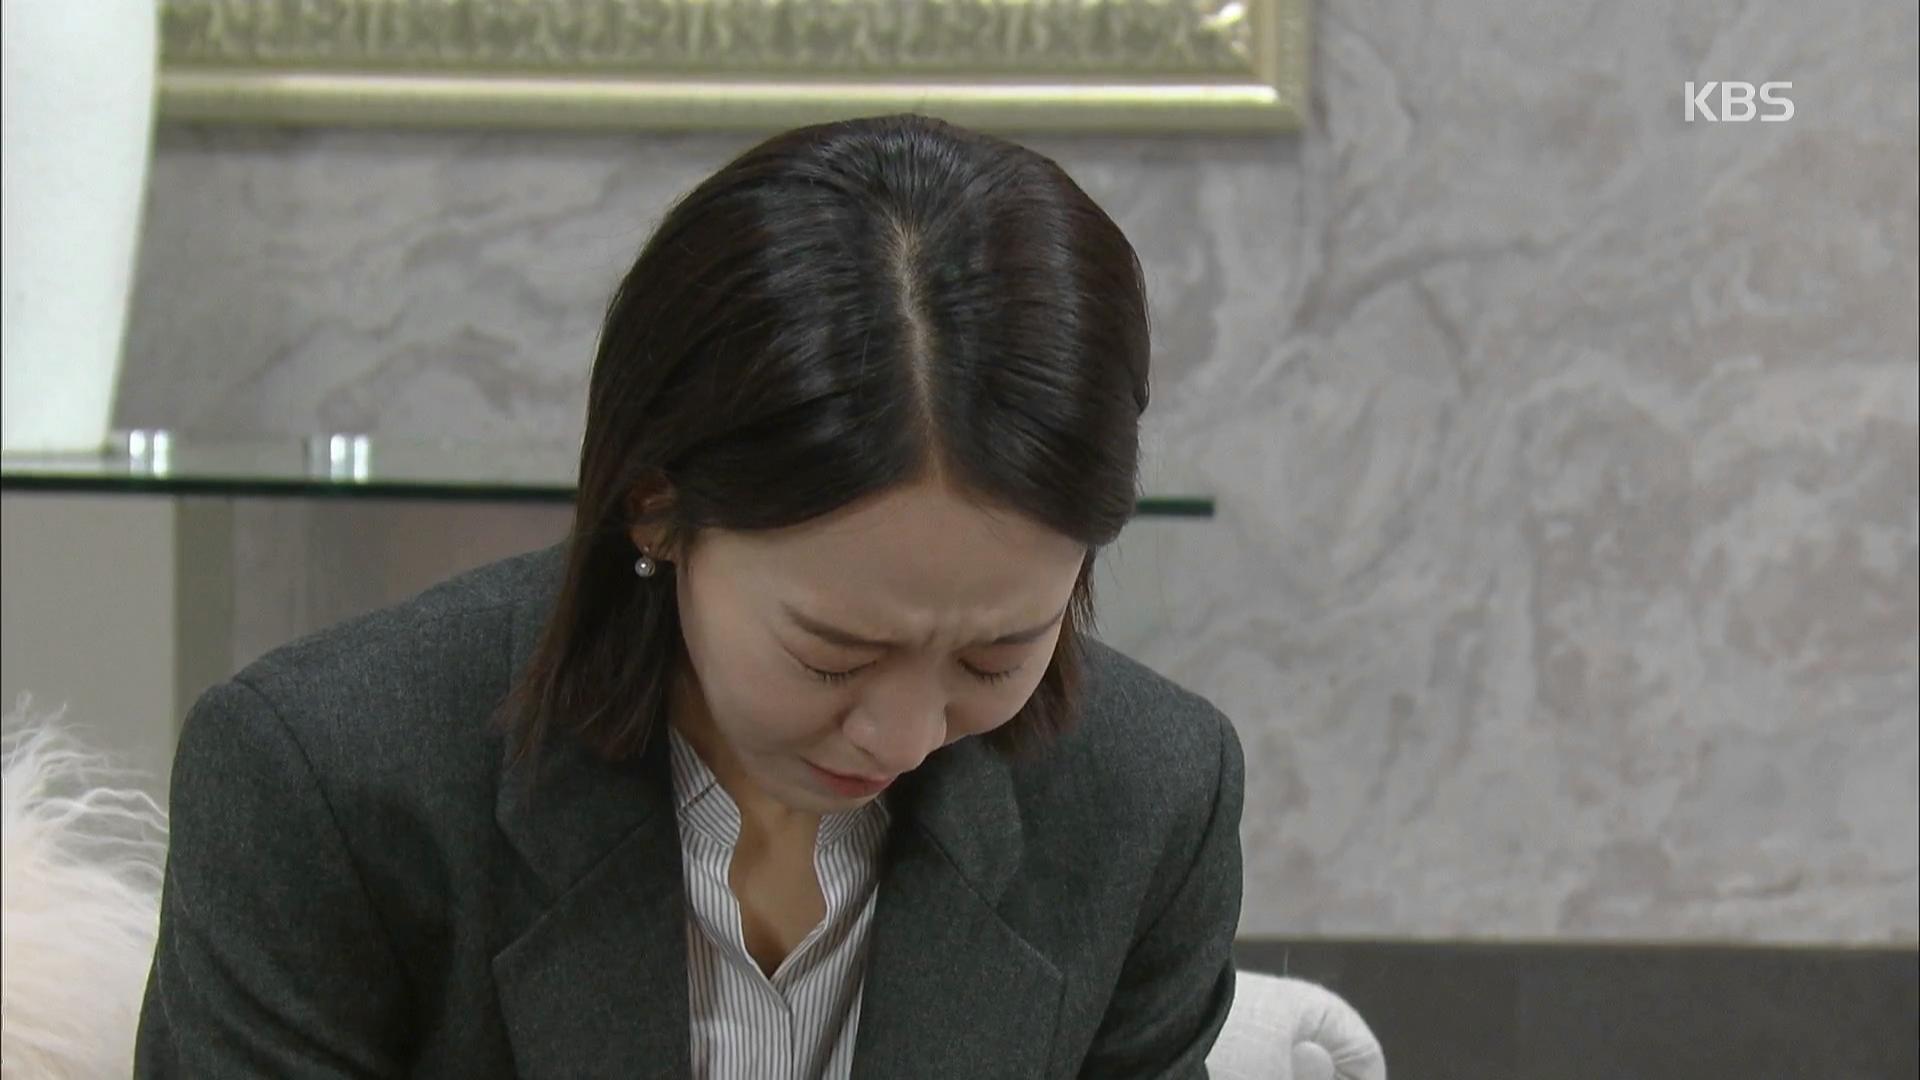 신혜선, 유학 권유에 나영희전노민 앞에서 결국 눈물 혼란